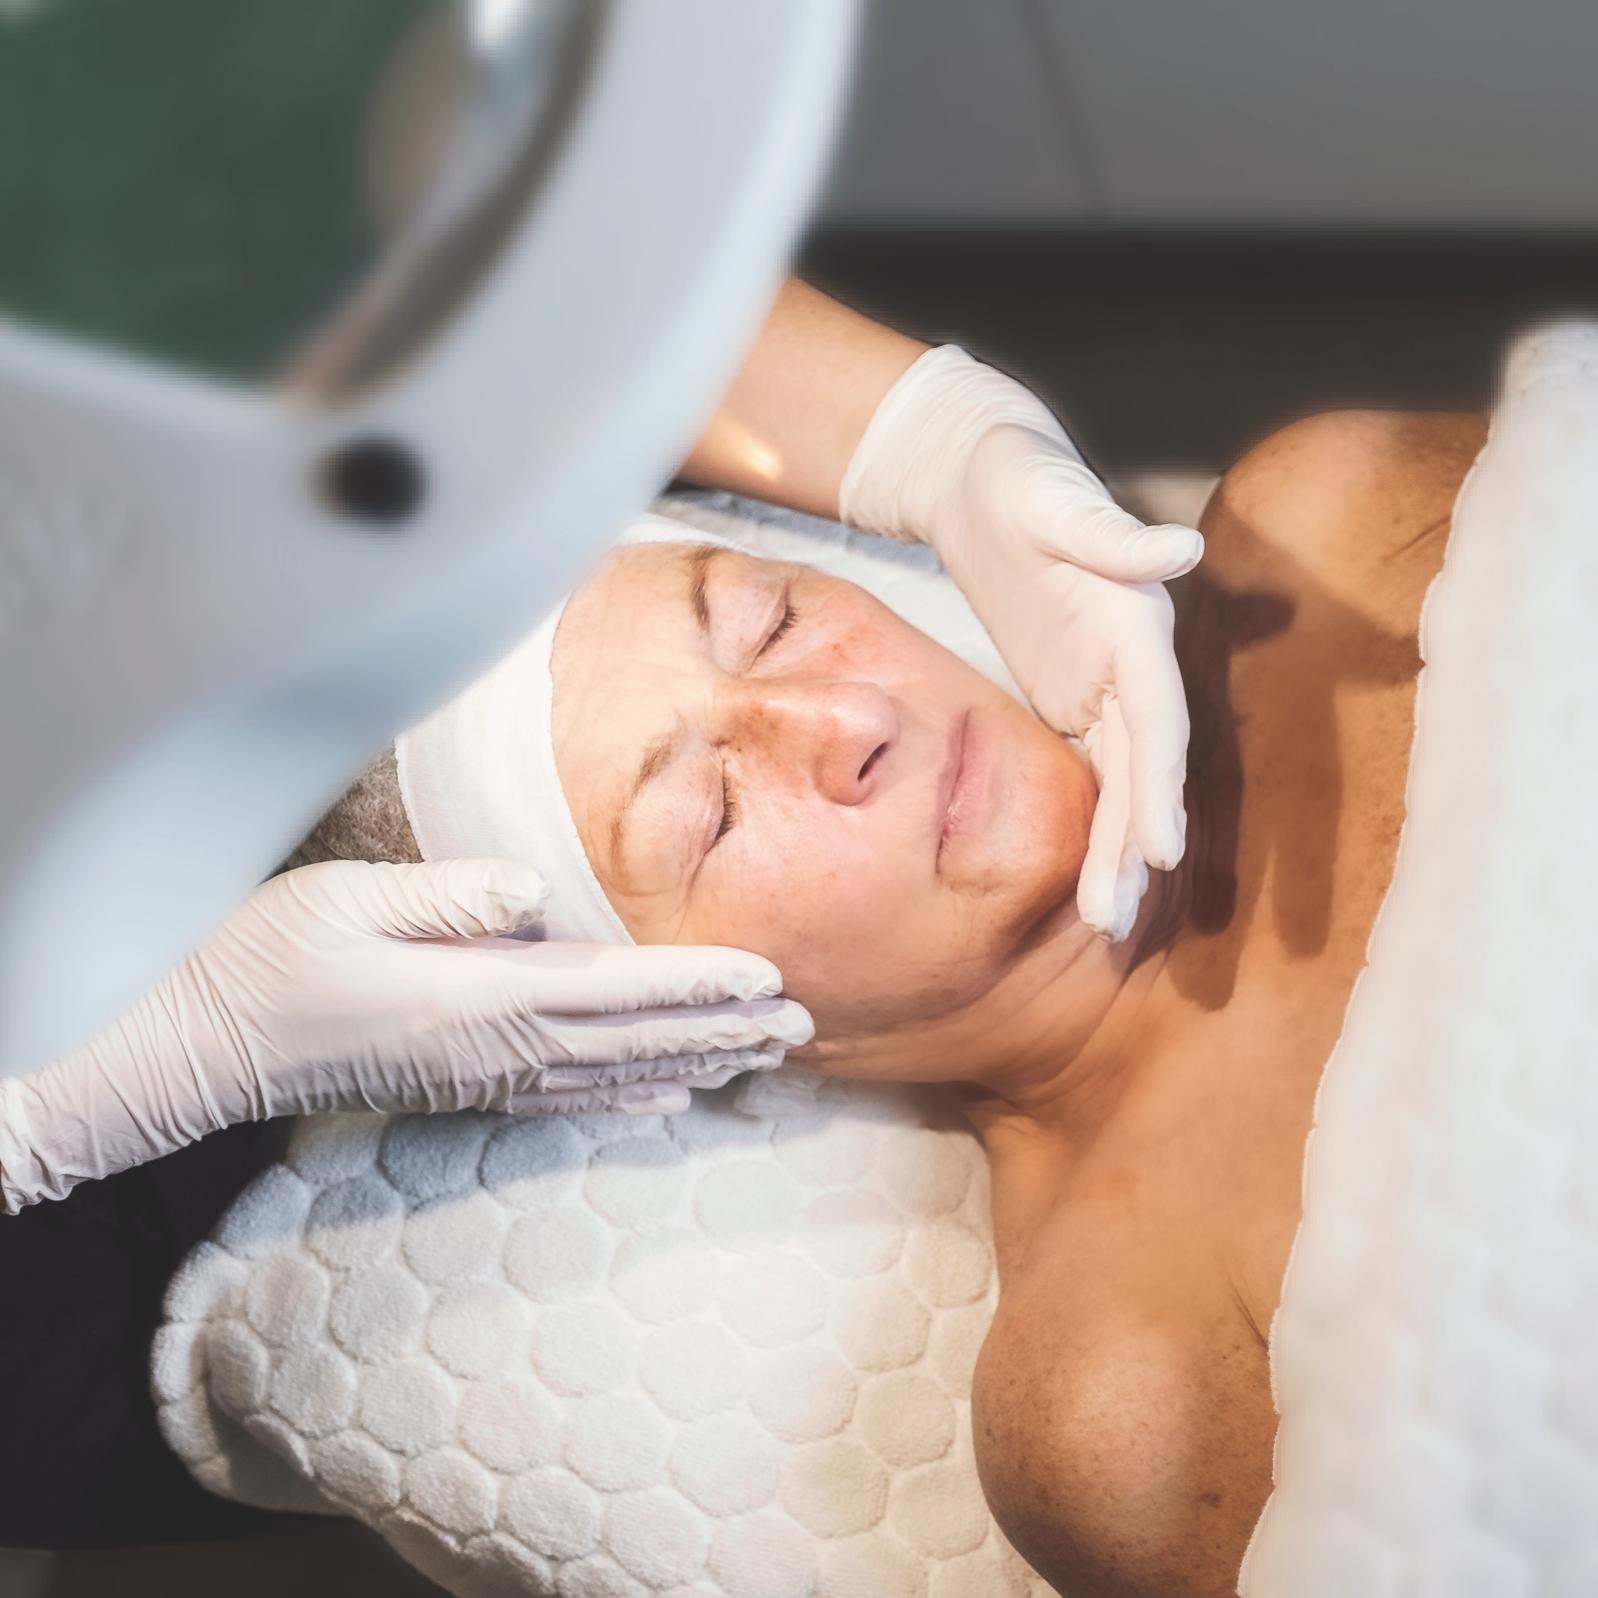 huidverbetering didi huidexperts